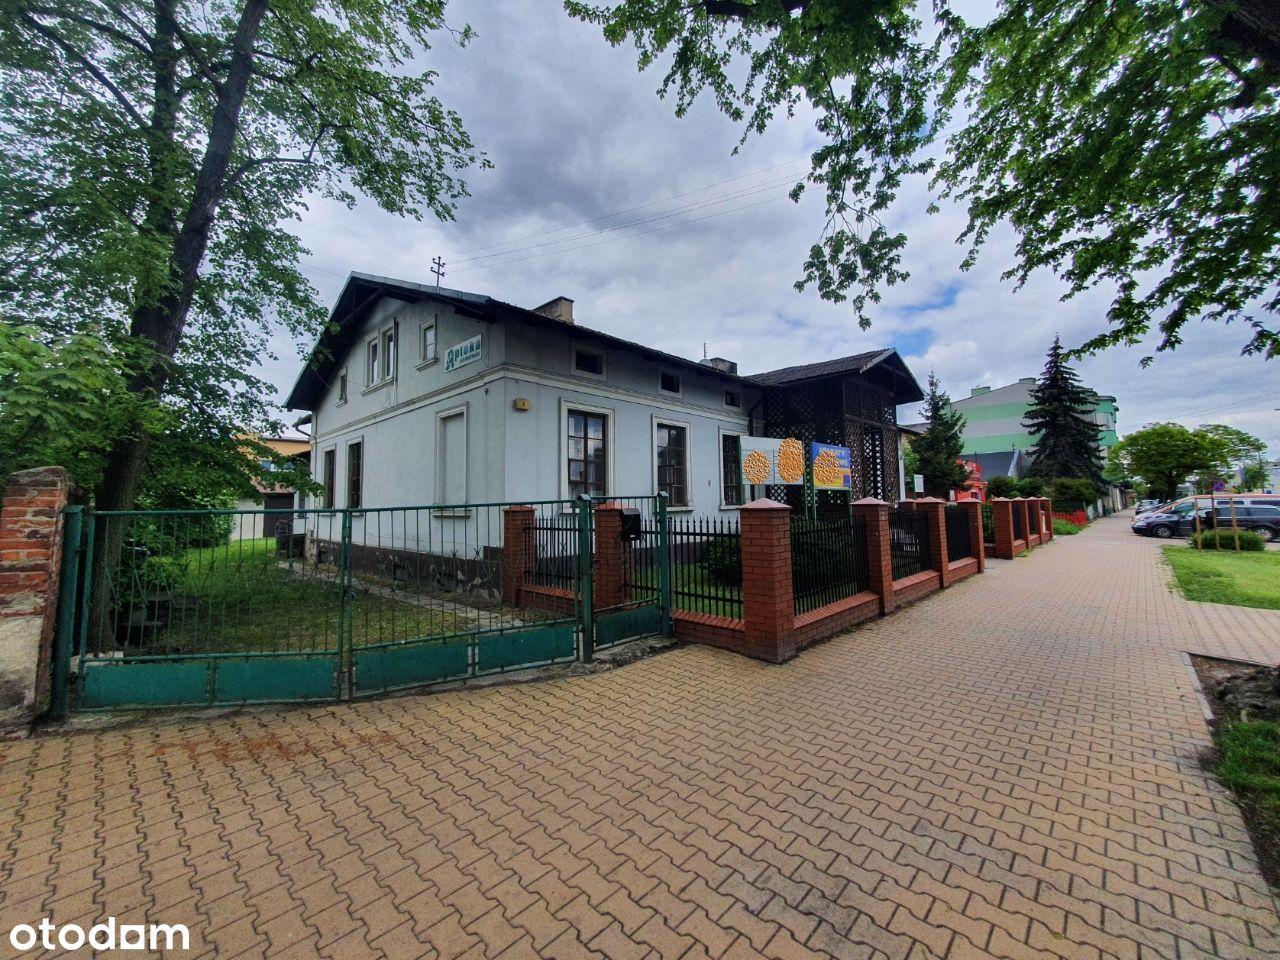 Dom/lokal użytkowy z działka w Skierniewicach